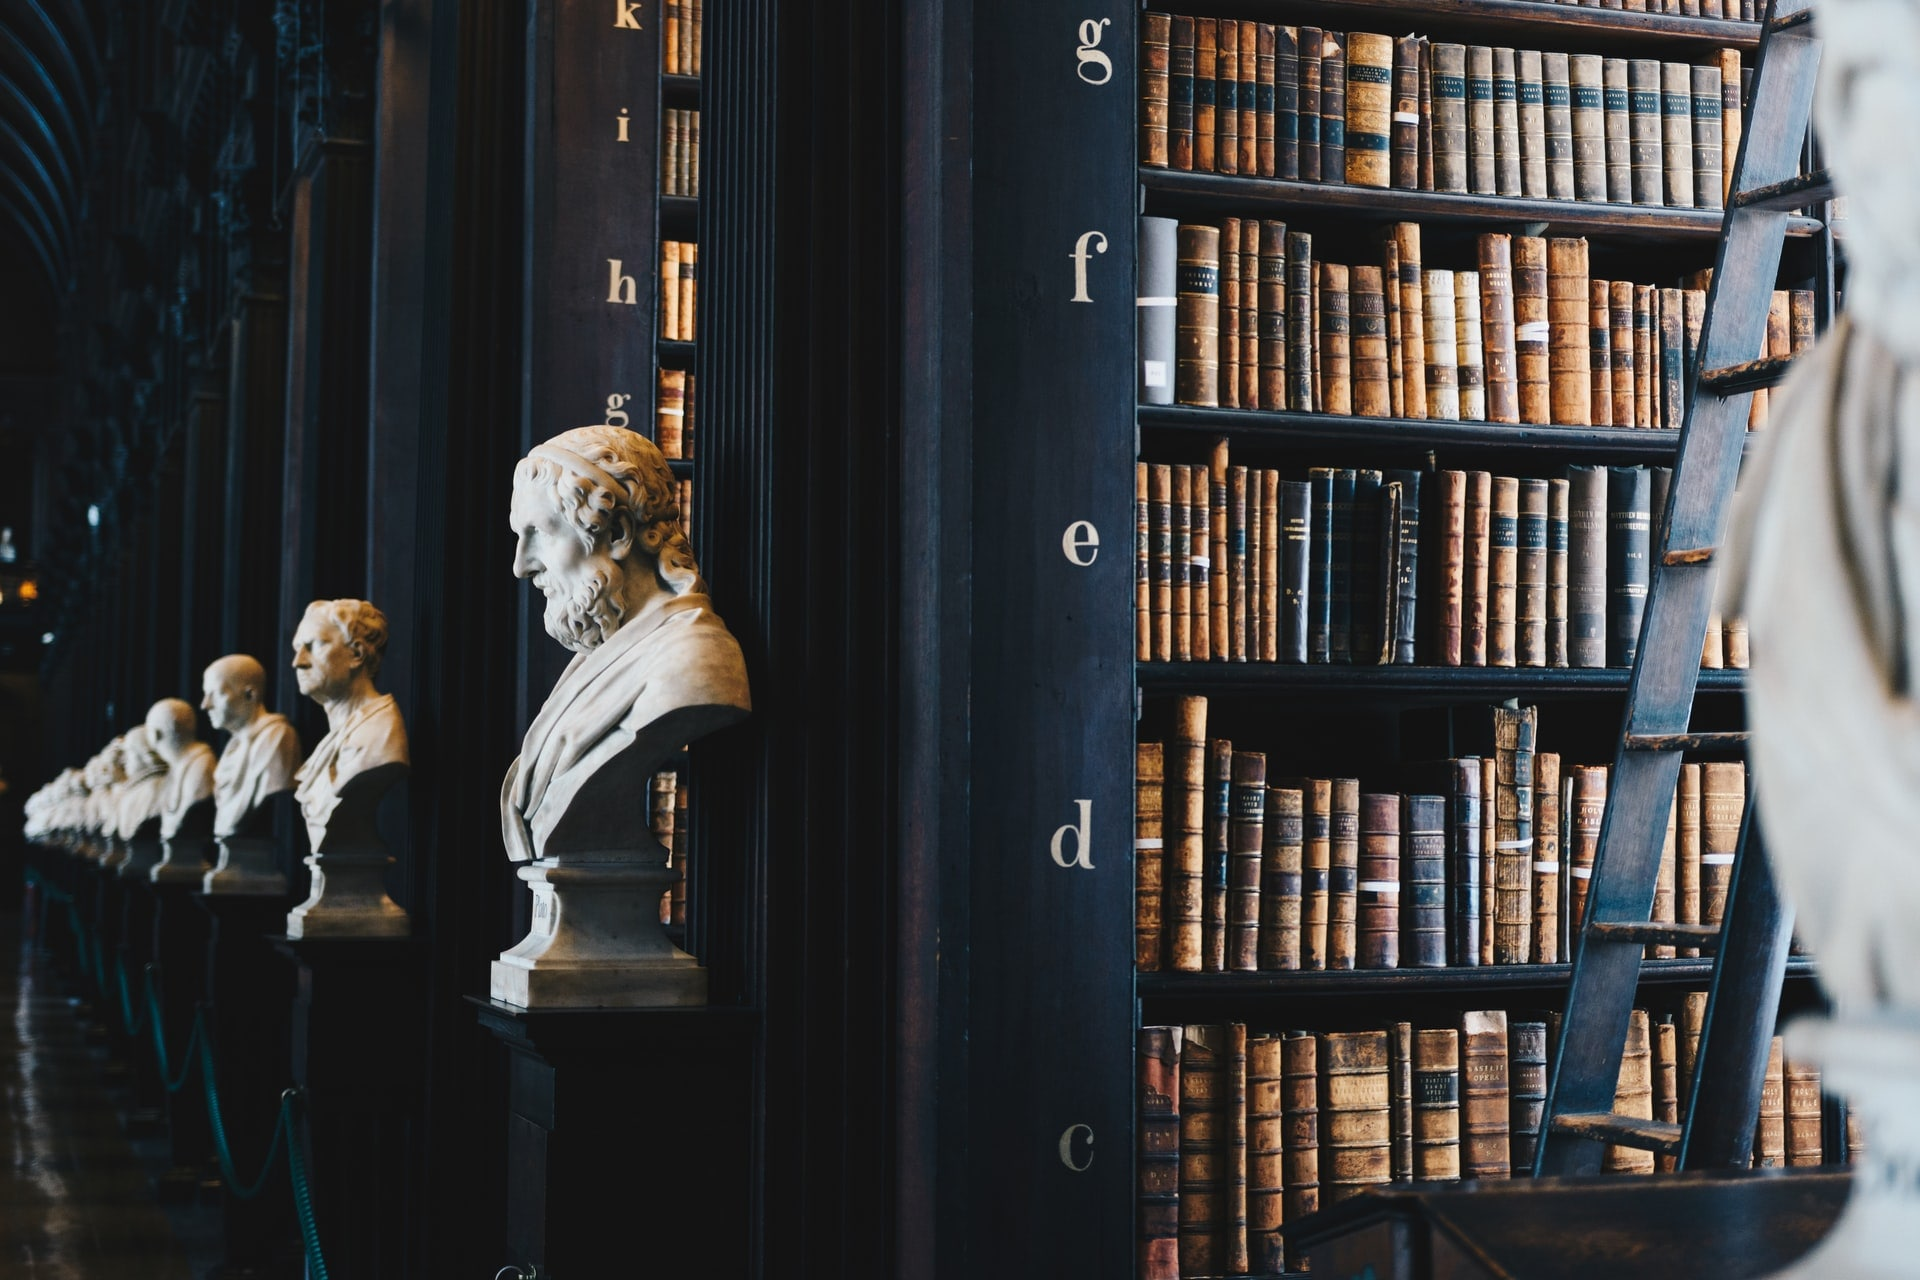 bibliothèque prête à l'étude de la philosophie